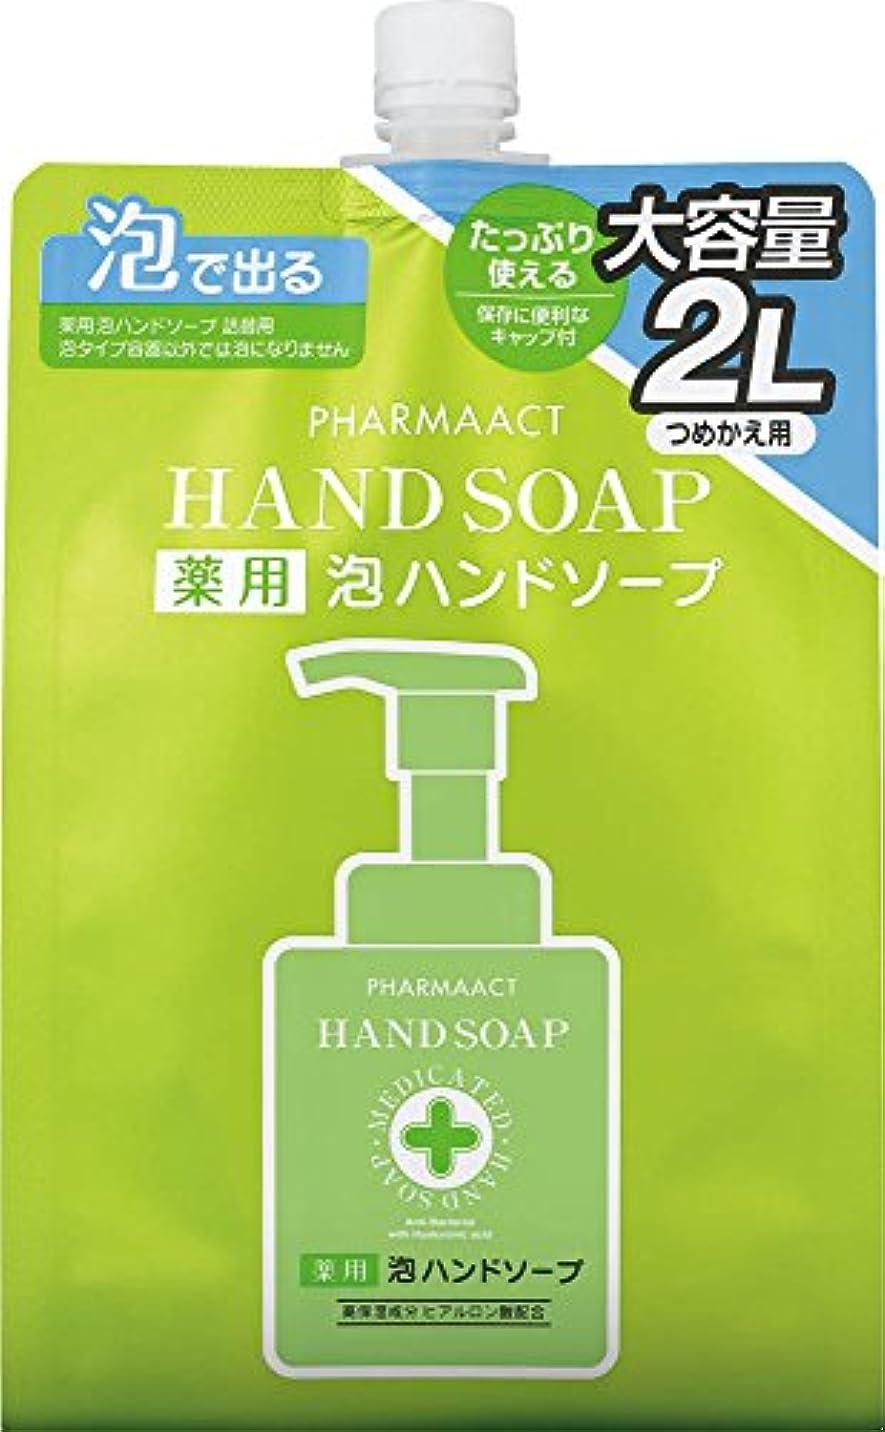 難しいオゾン質量熊野油脂 PHARMAACT(ファーマアクト) 薬用泡ハンドソープ詰替スパウト付 2L